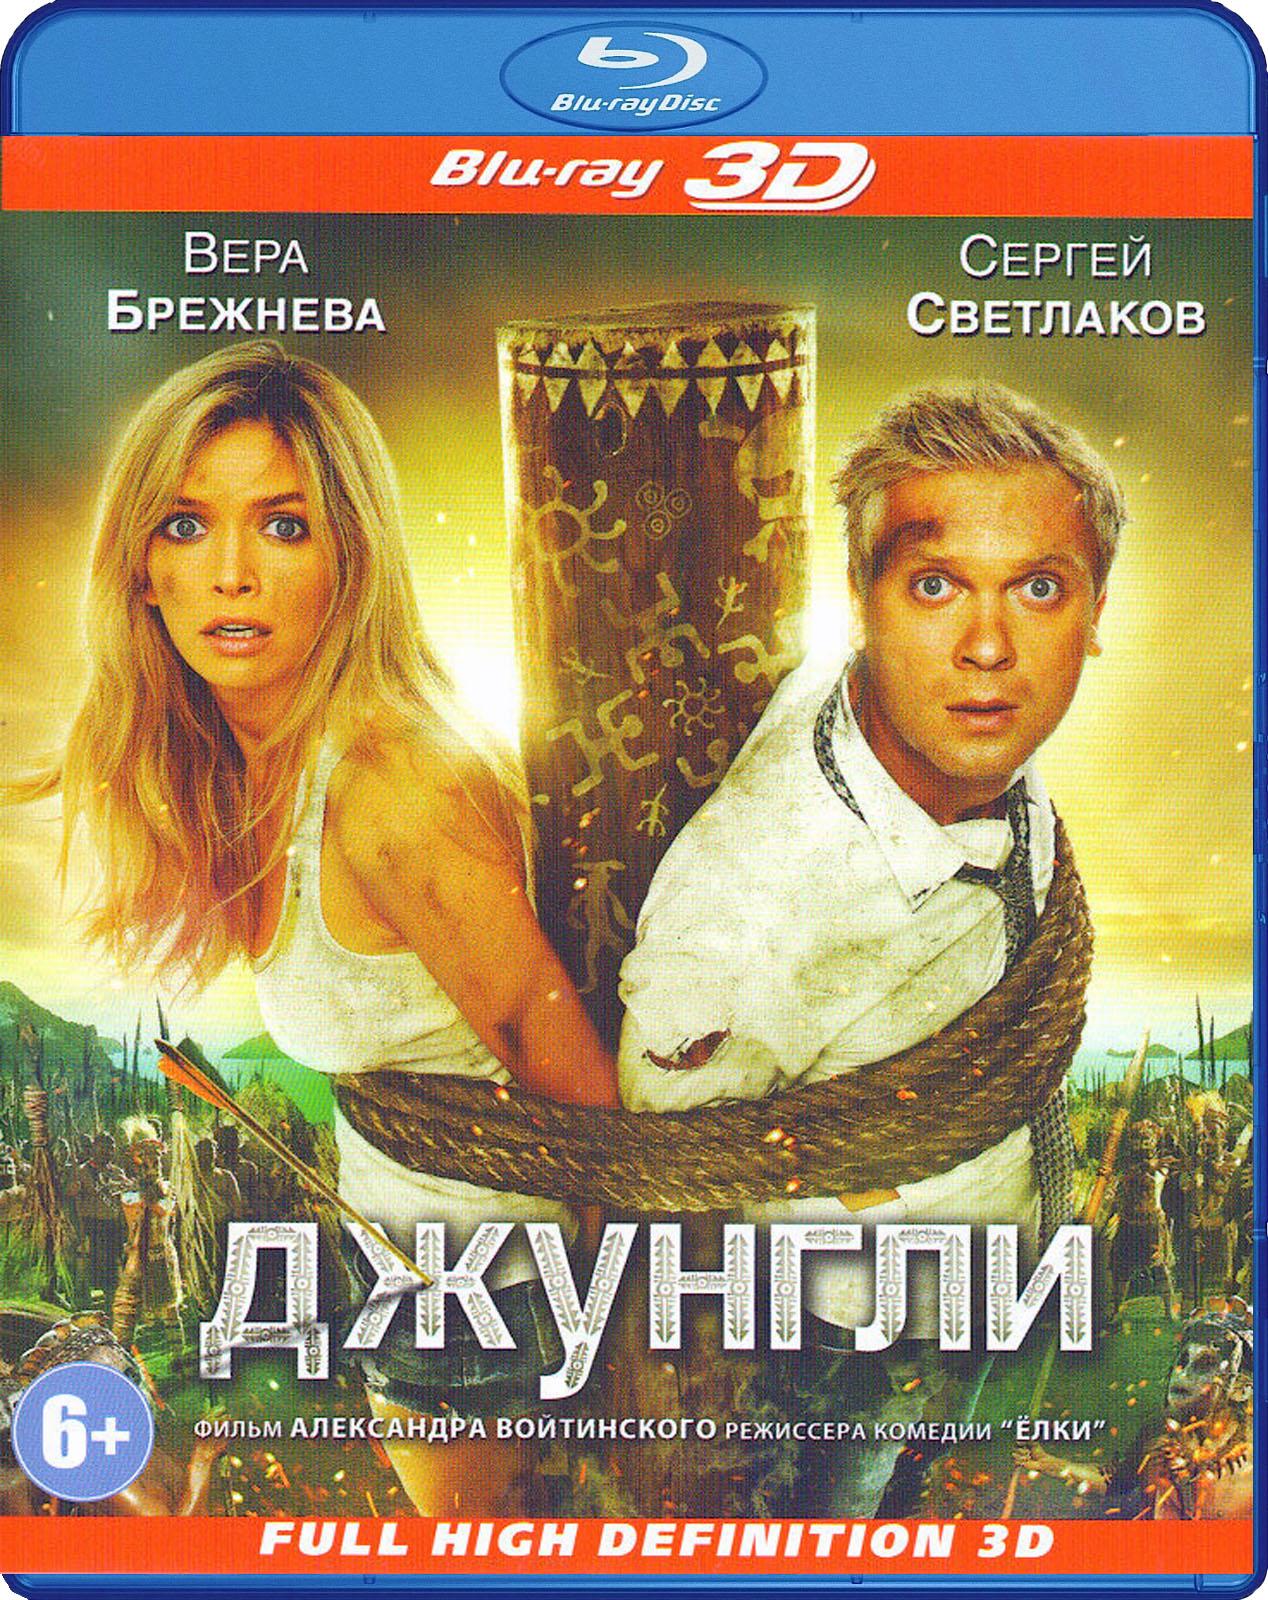 Вера Брежнева: Фильмография : Джунгли 3D 2D (Blu-ray)